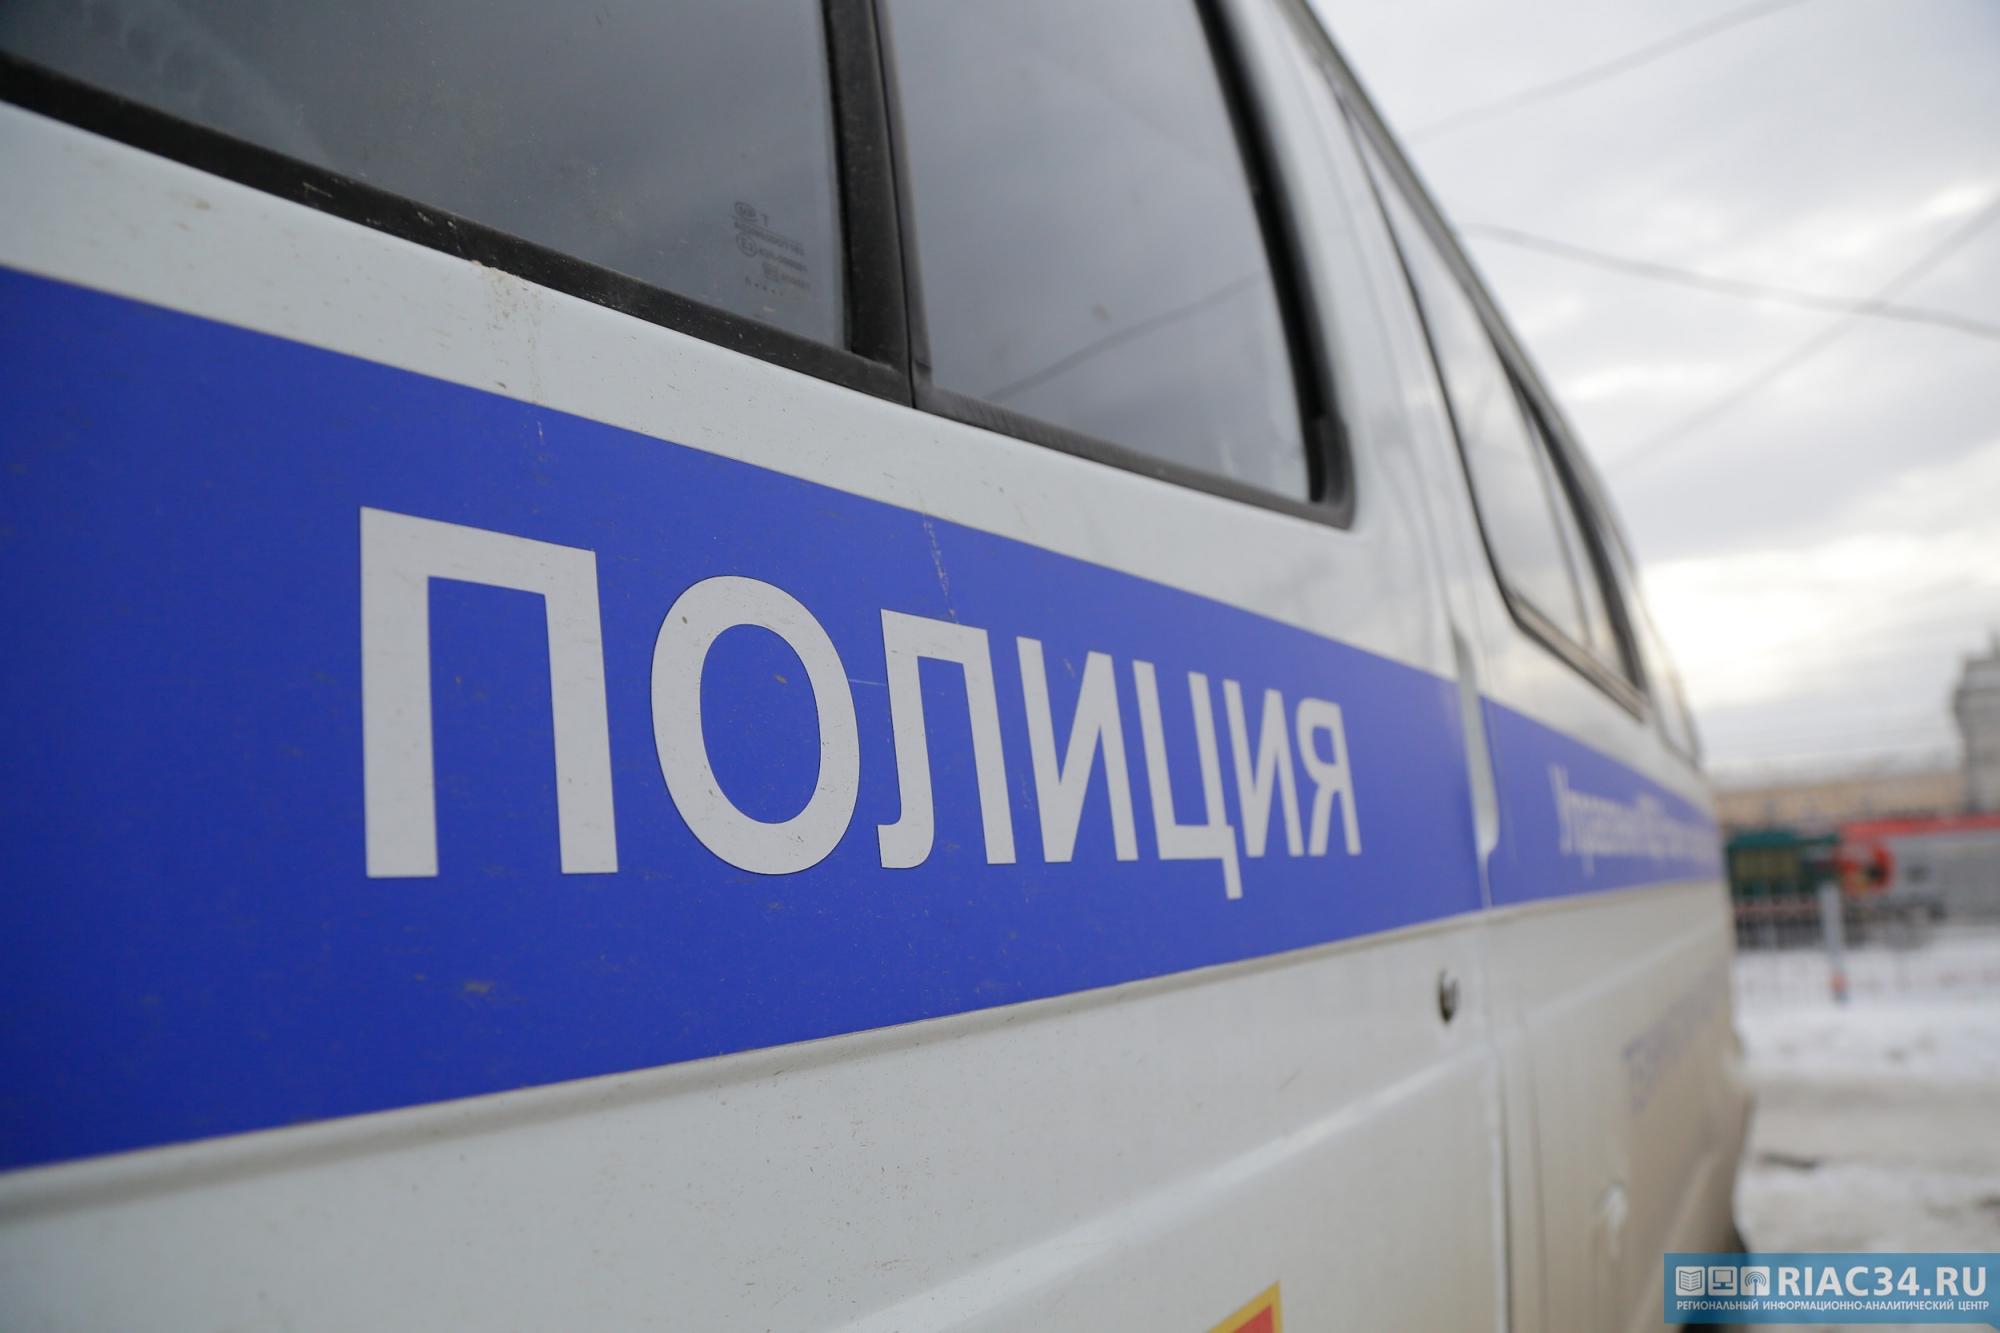 Под Волгоградом натрассе погибли пешеход и старая женщина-велосипедист